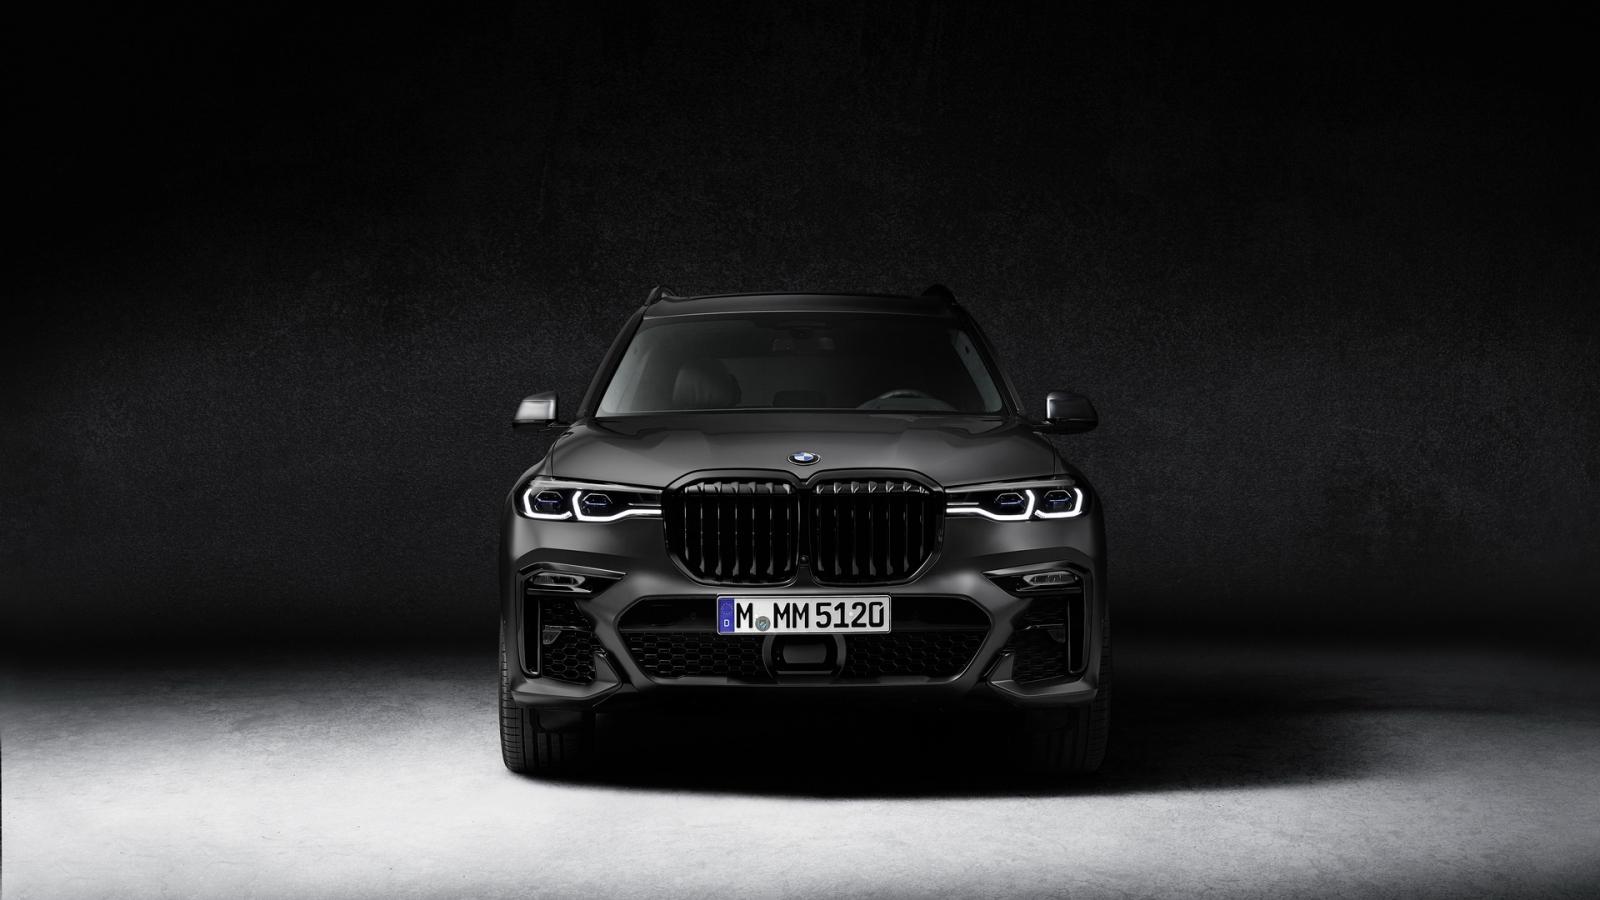 Bản giới hạn BMW X7 Dark Shadow giá từ 3,2 tỷ đồng có gì đặc biệt?